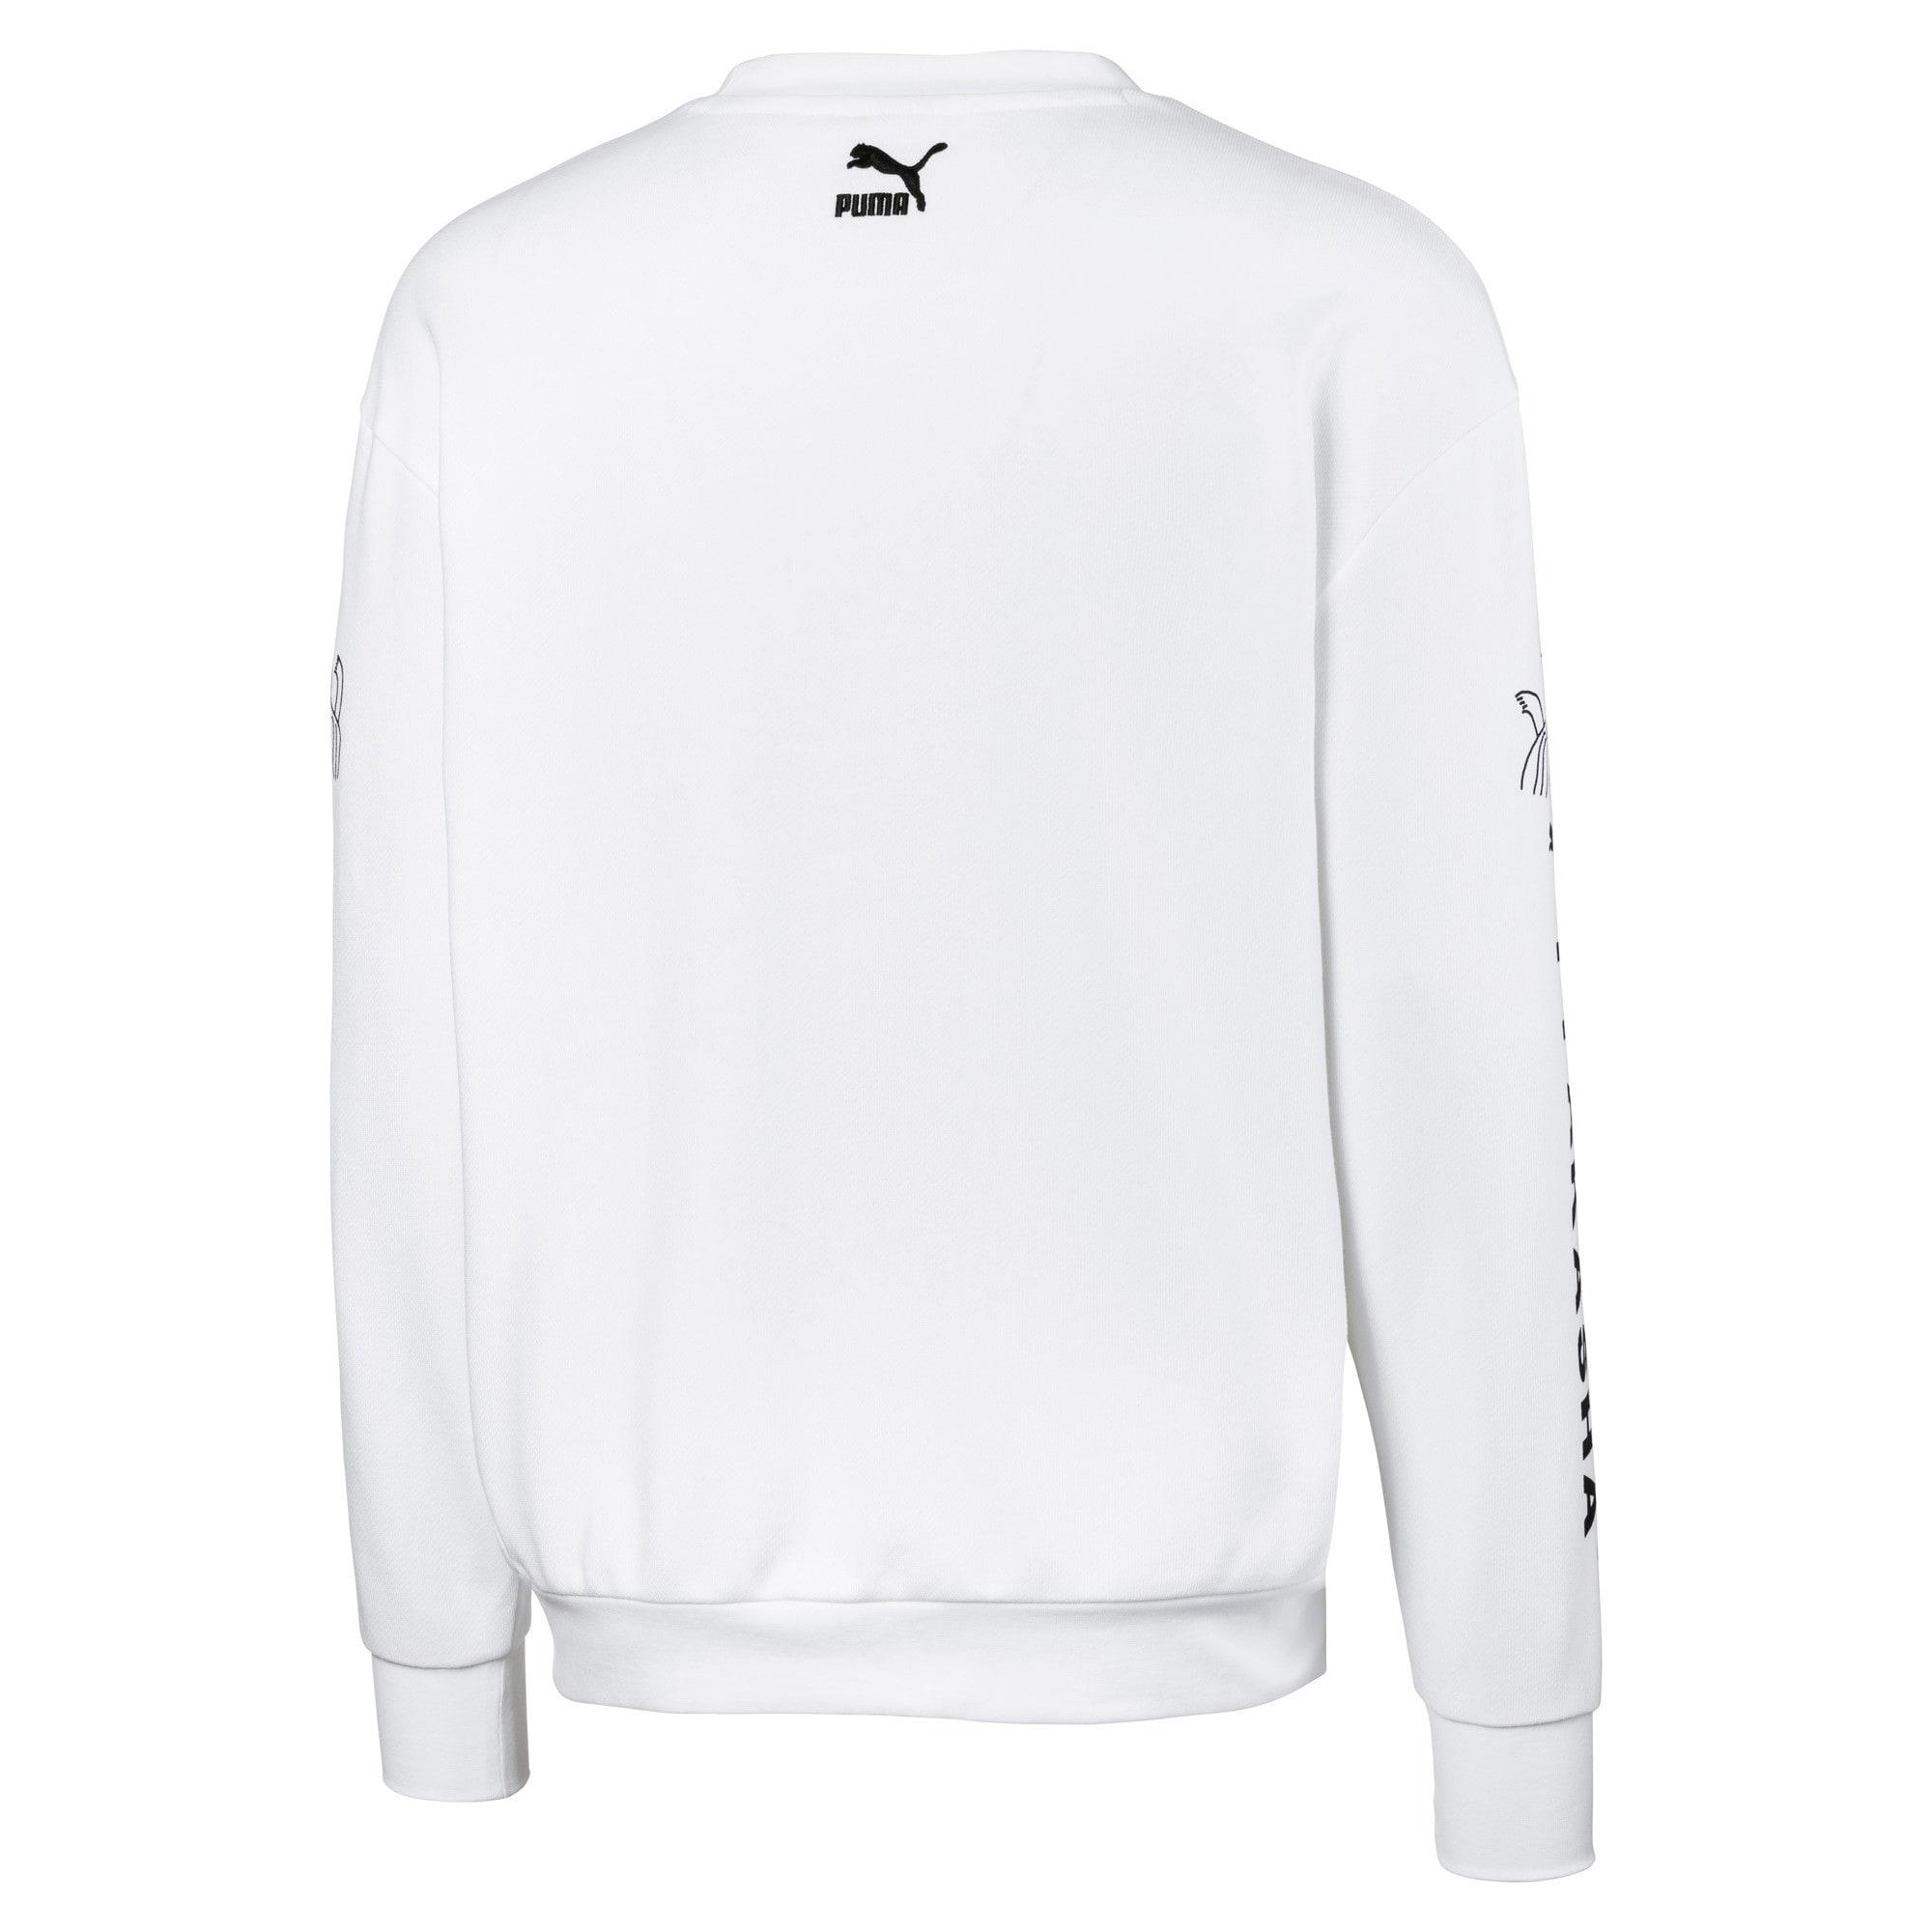 Thumbnail 5 of PUMA x TYAKASHA Herren Sweatshirt, Puma White, medium